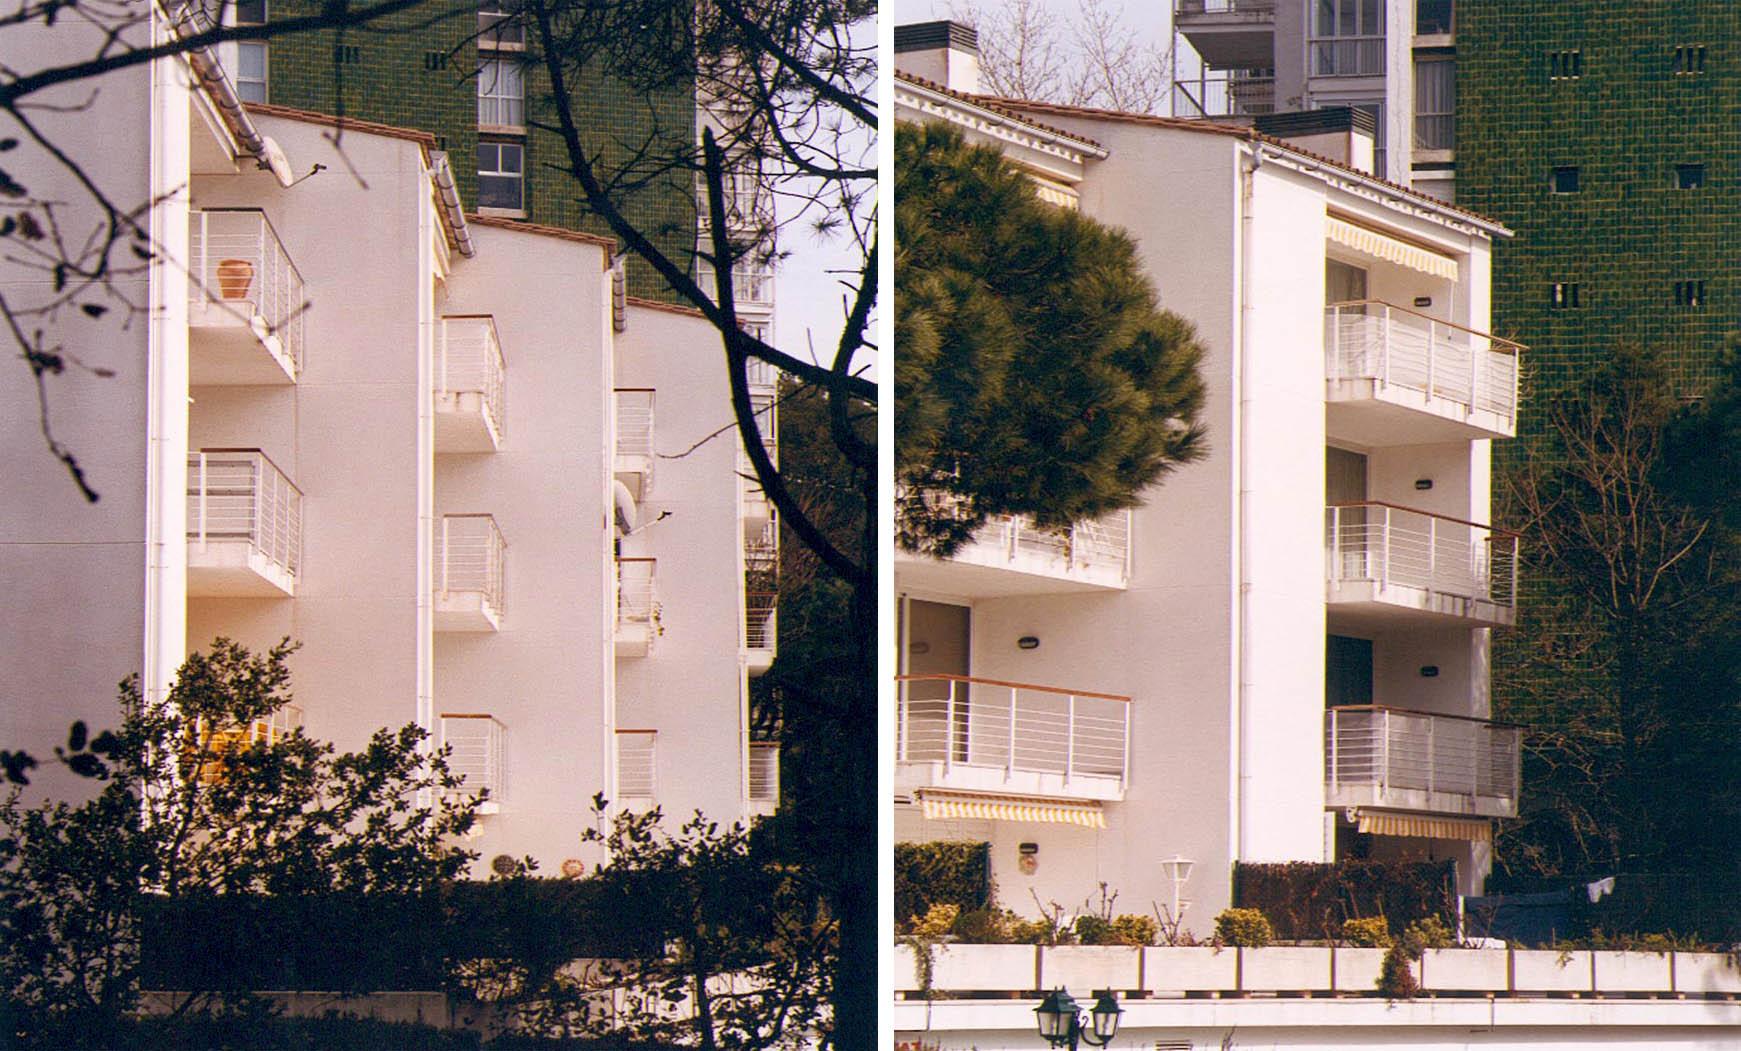 16 apartamentos en Platja d'Aro (1988), en colaboración con Francesc Mitjans